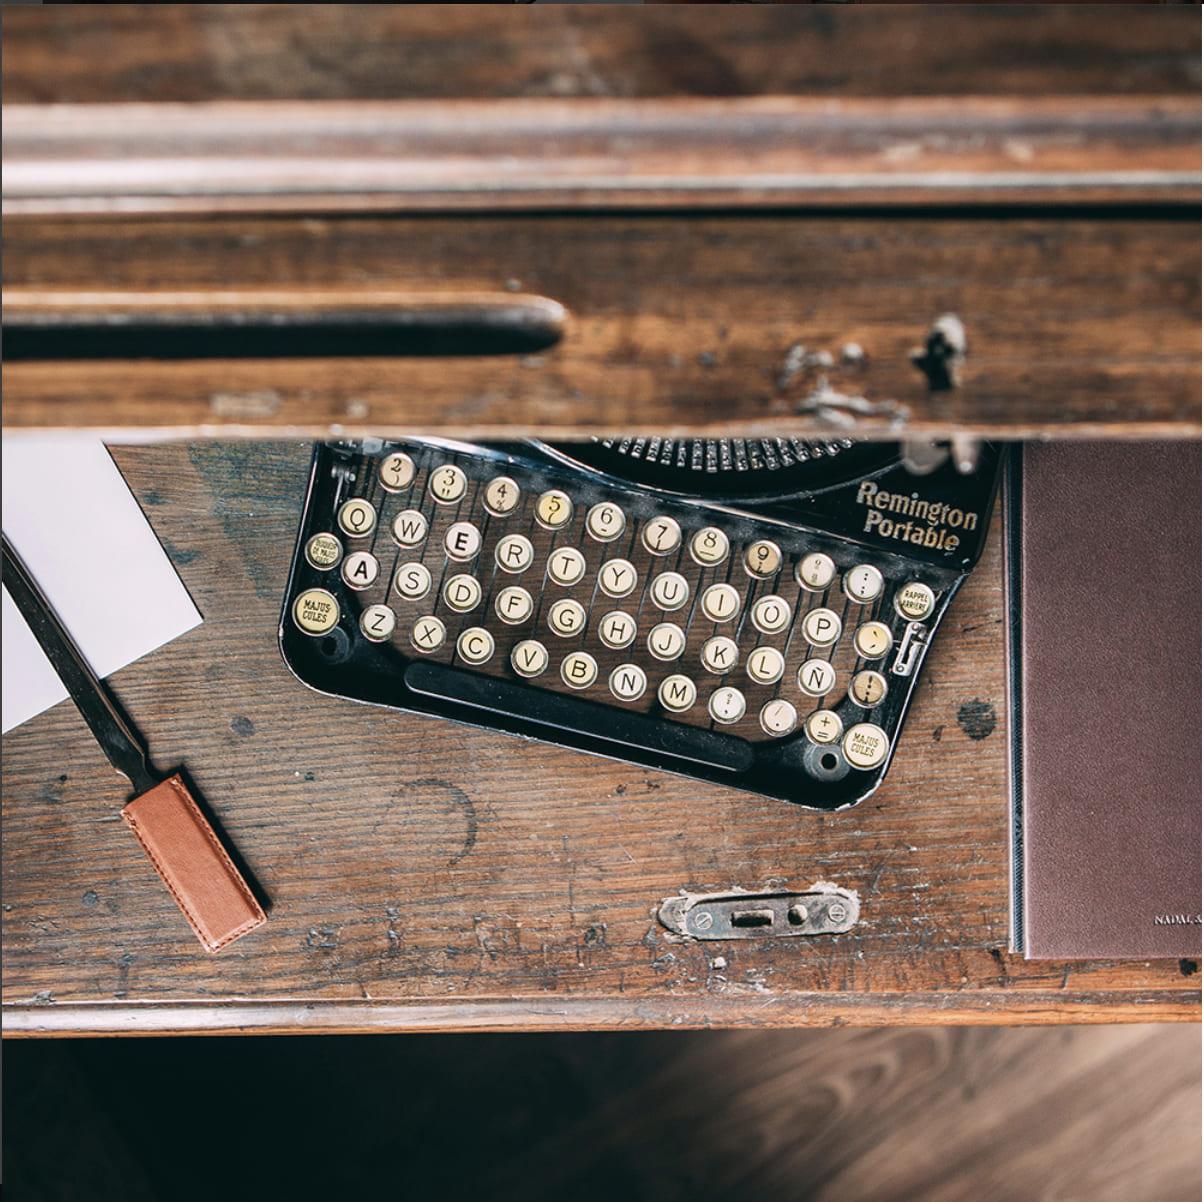 Fabricación de regalos para hoteles hechos en piel de forma artesanal. Regalos personalizados con logotipo de la compañía. Gran calidad.